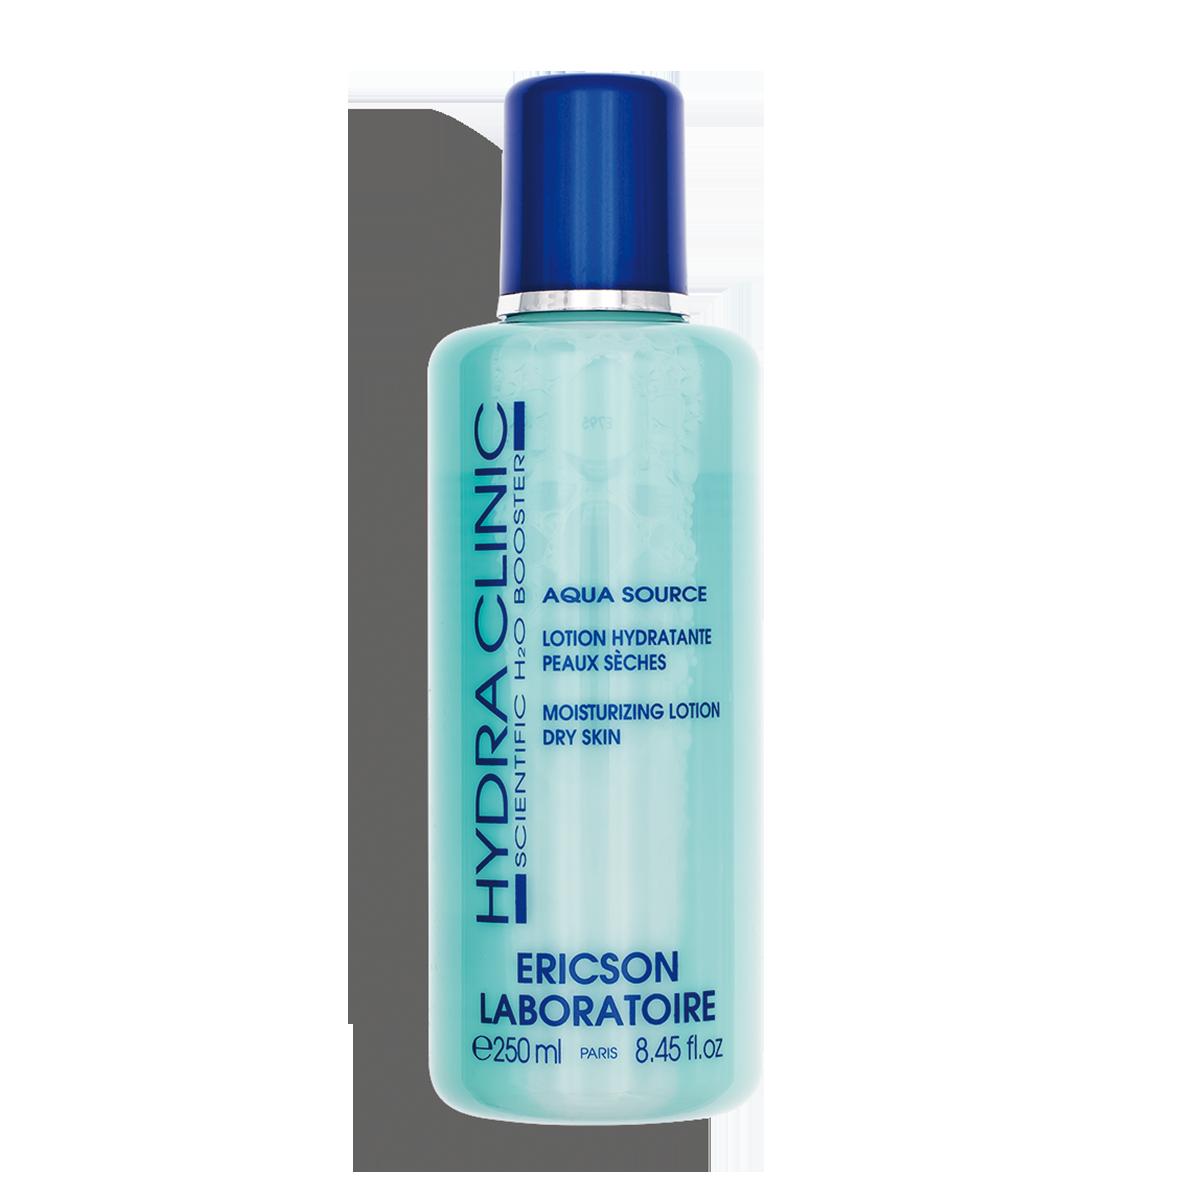 Hydra Clinic E795 - Nước cân bằng dành cho da khô Ericson Hydra Clinic Aqua Source Moisturising Lotion Dry Skin